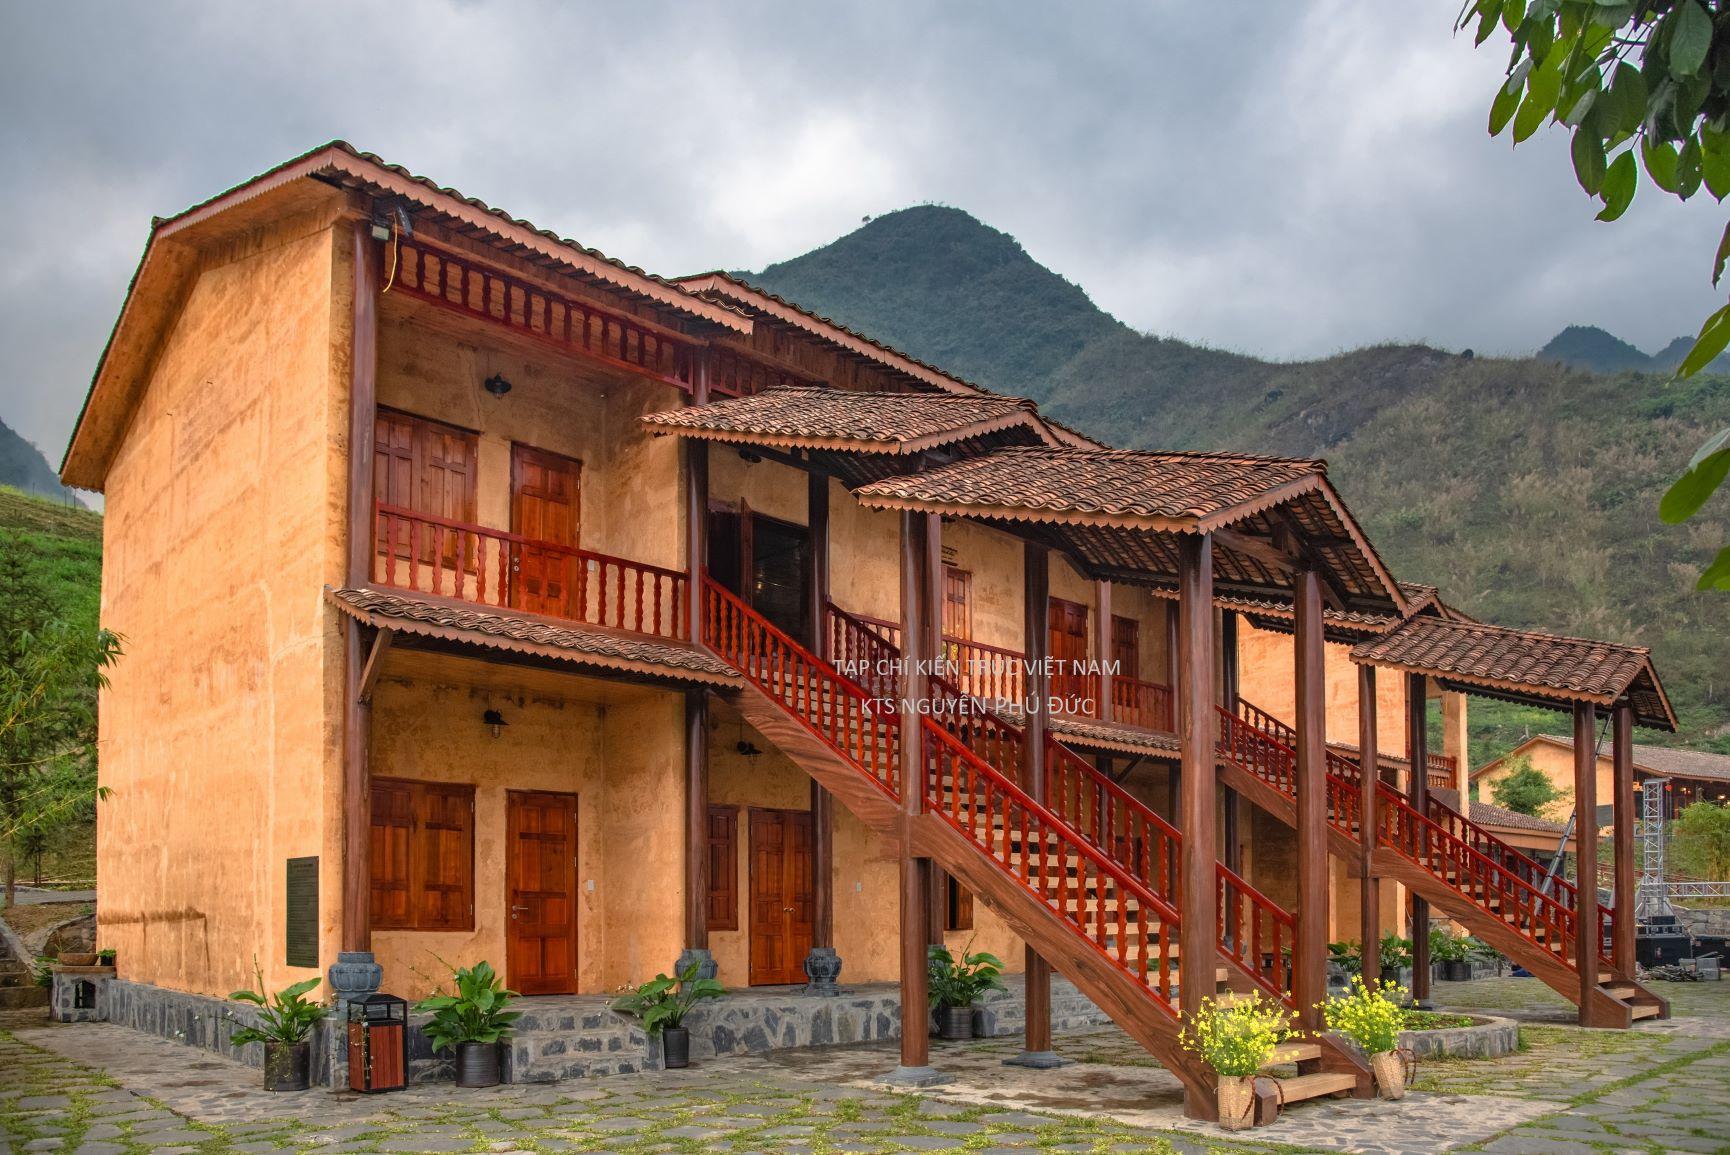 Khu nghỉ dưỡng H'Mông Village Resort